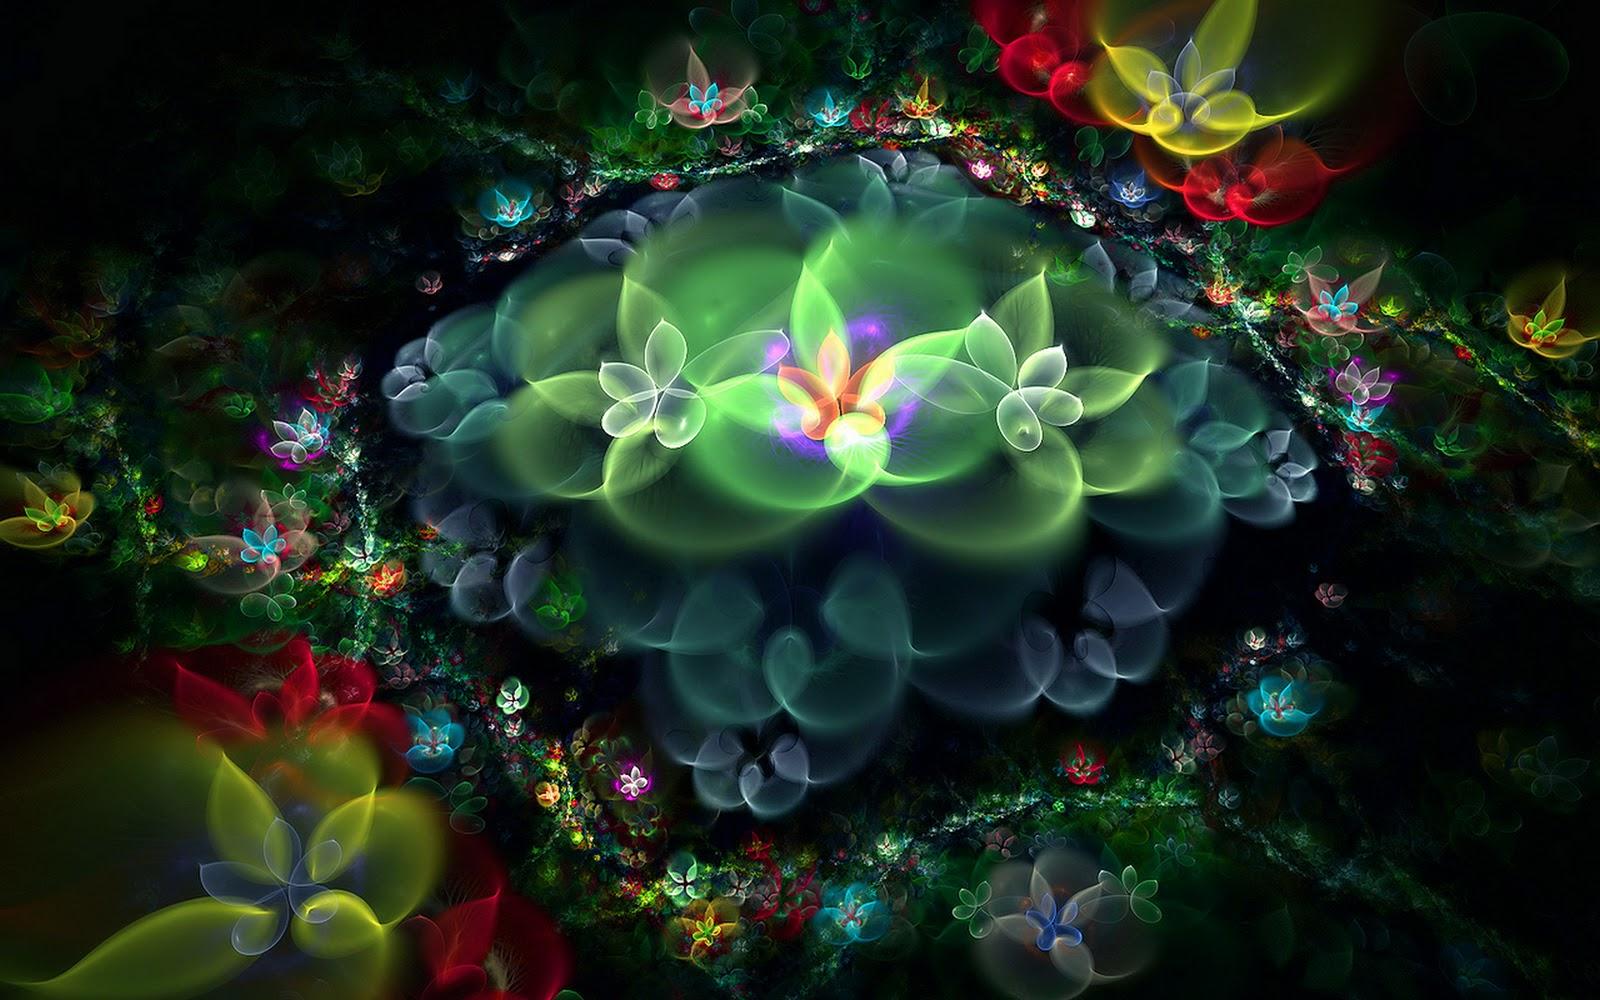 炫彩花卉; 3d梦幻抽象花朵壁纸;